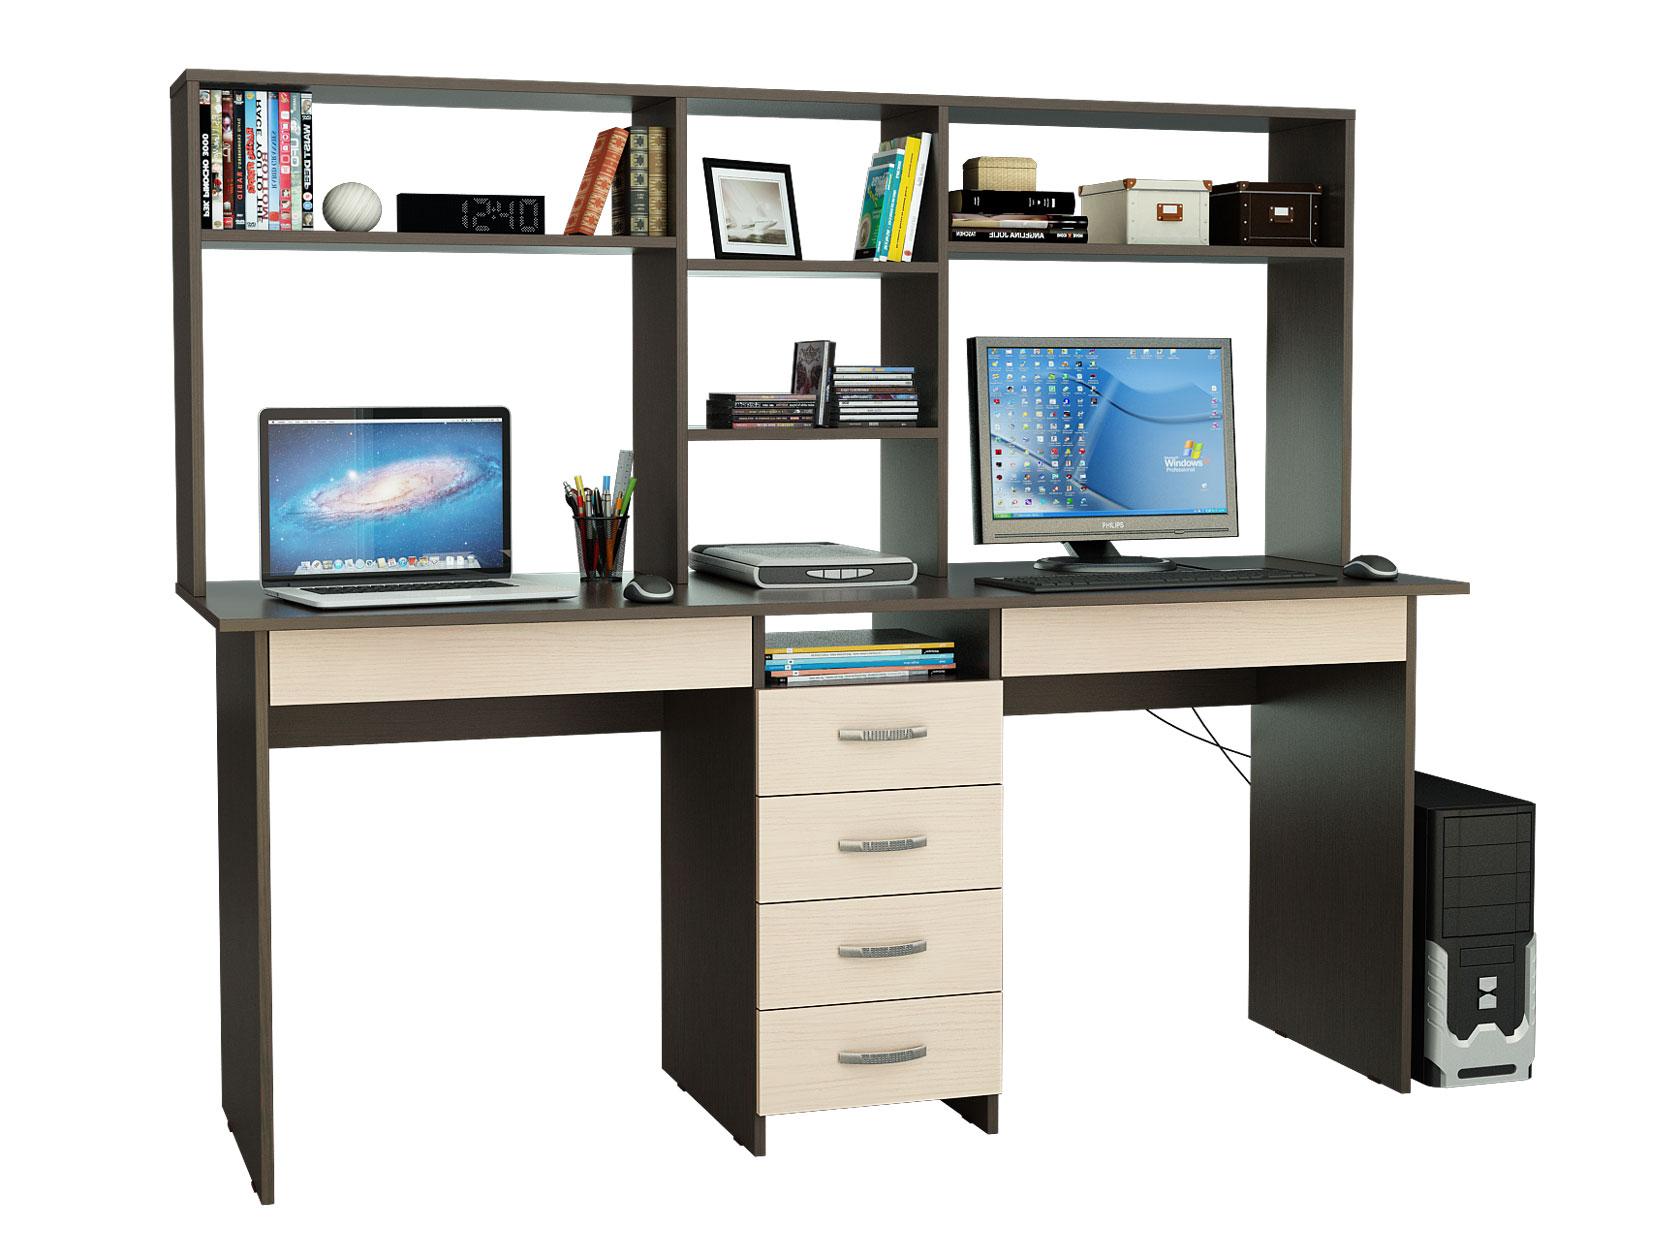 Компьютерный стол МФ Мастер Тандем-2Я 174,8x60x141,8, венге/дуб молочный